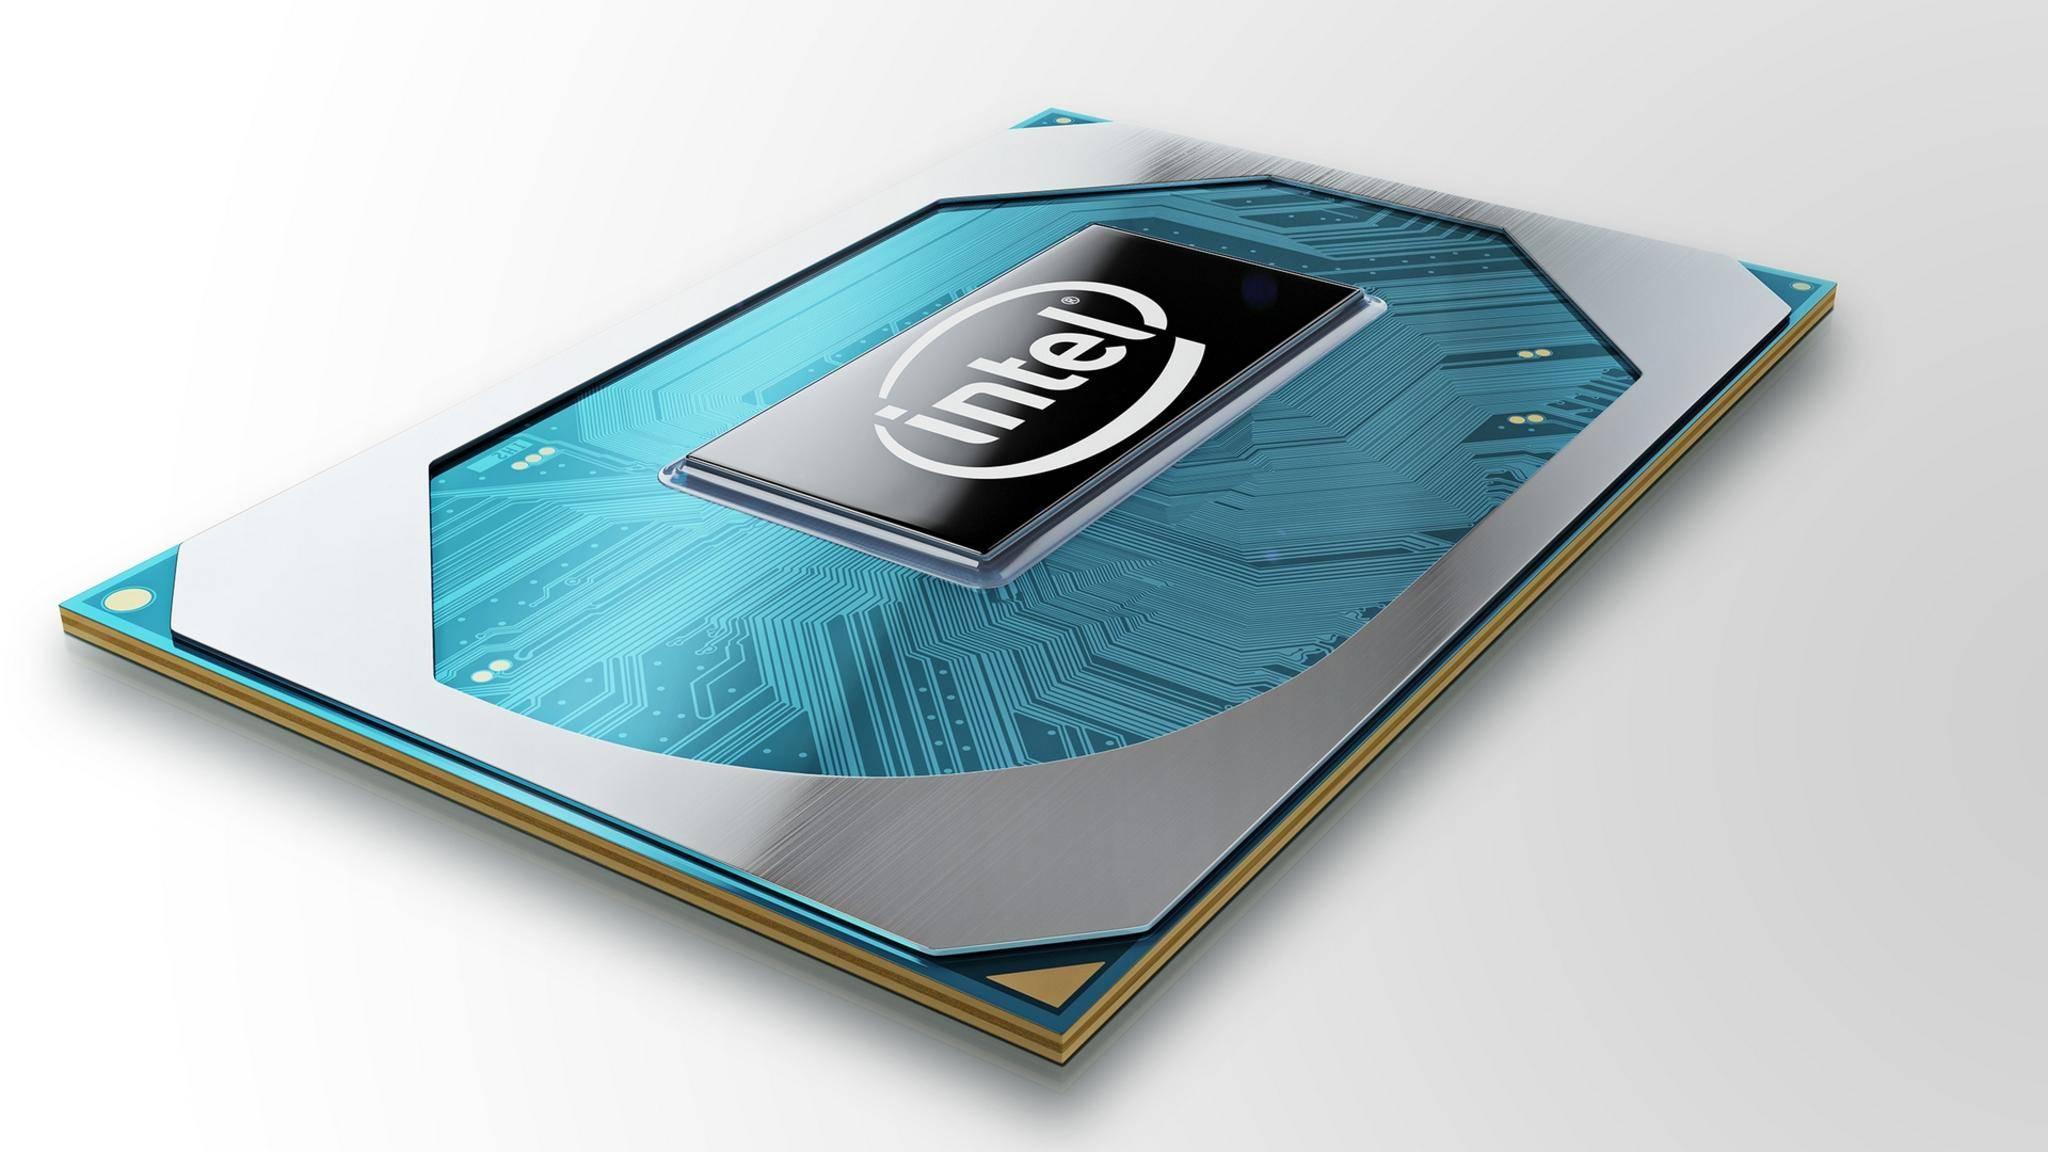 Intel stellt einen neuen Takt-Rekord für Notebook-Prozessoren auf.